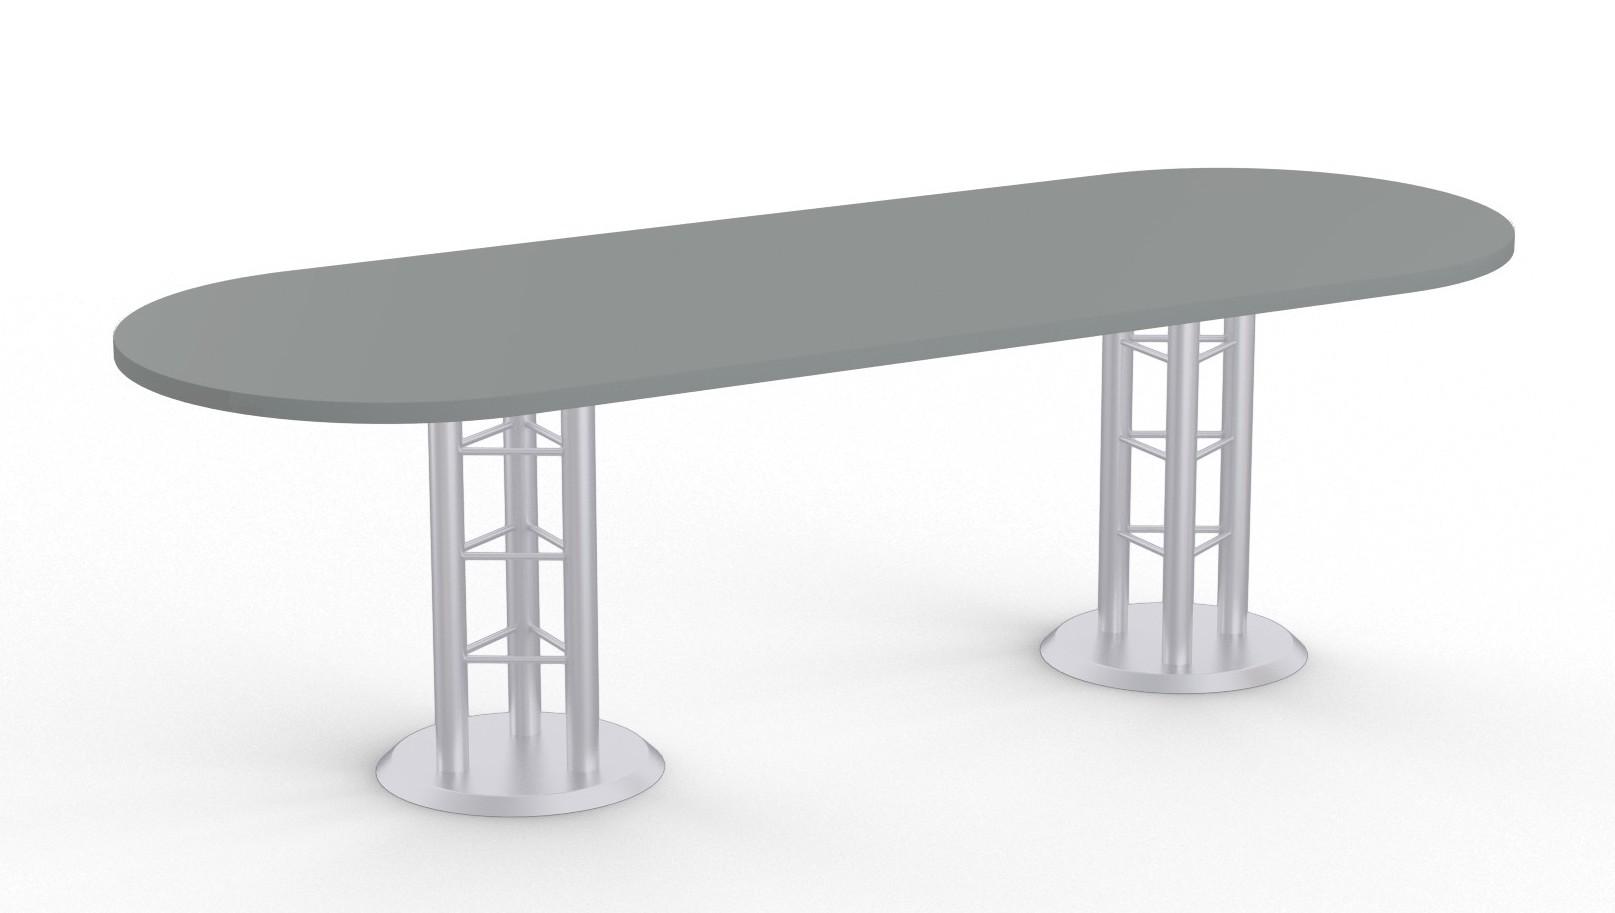 atlantis racetrack conference table - north sea